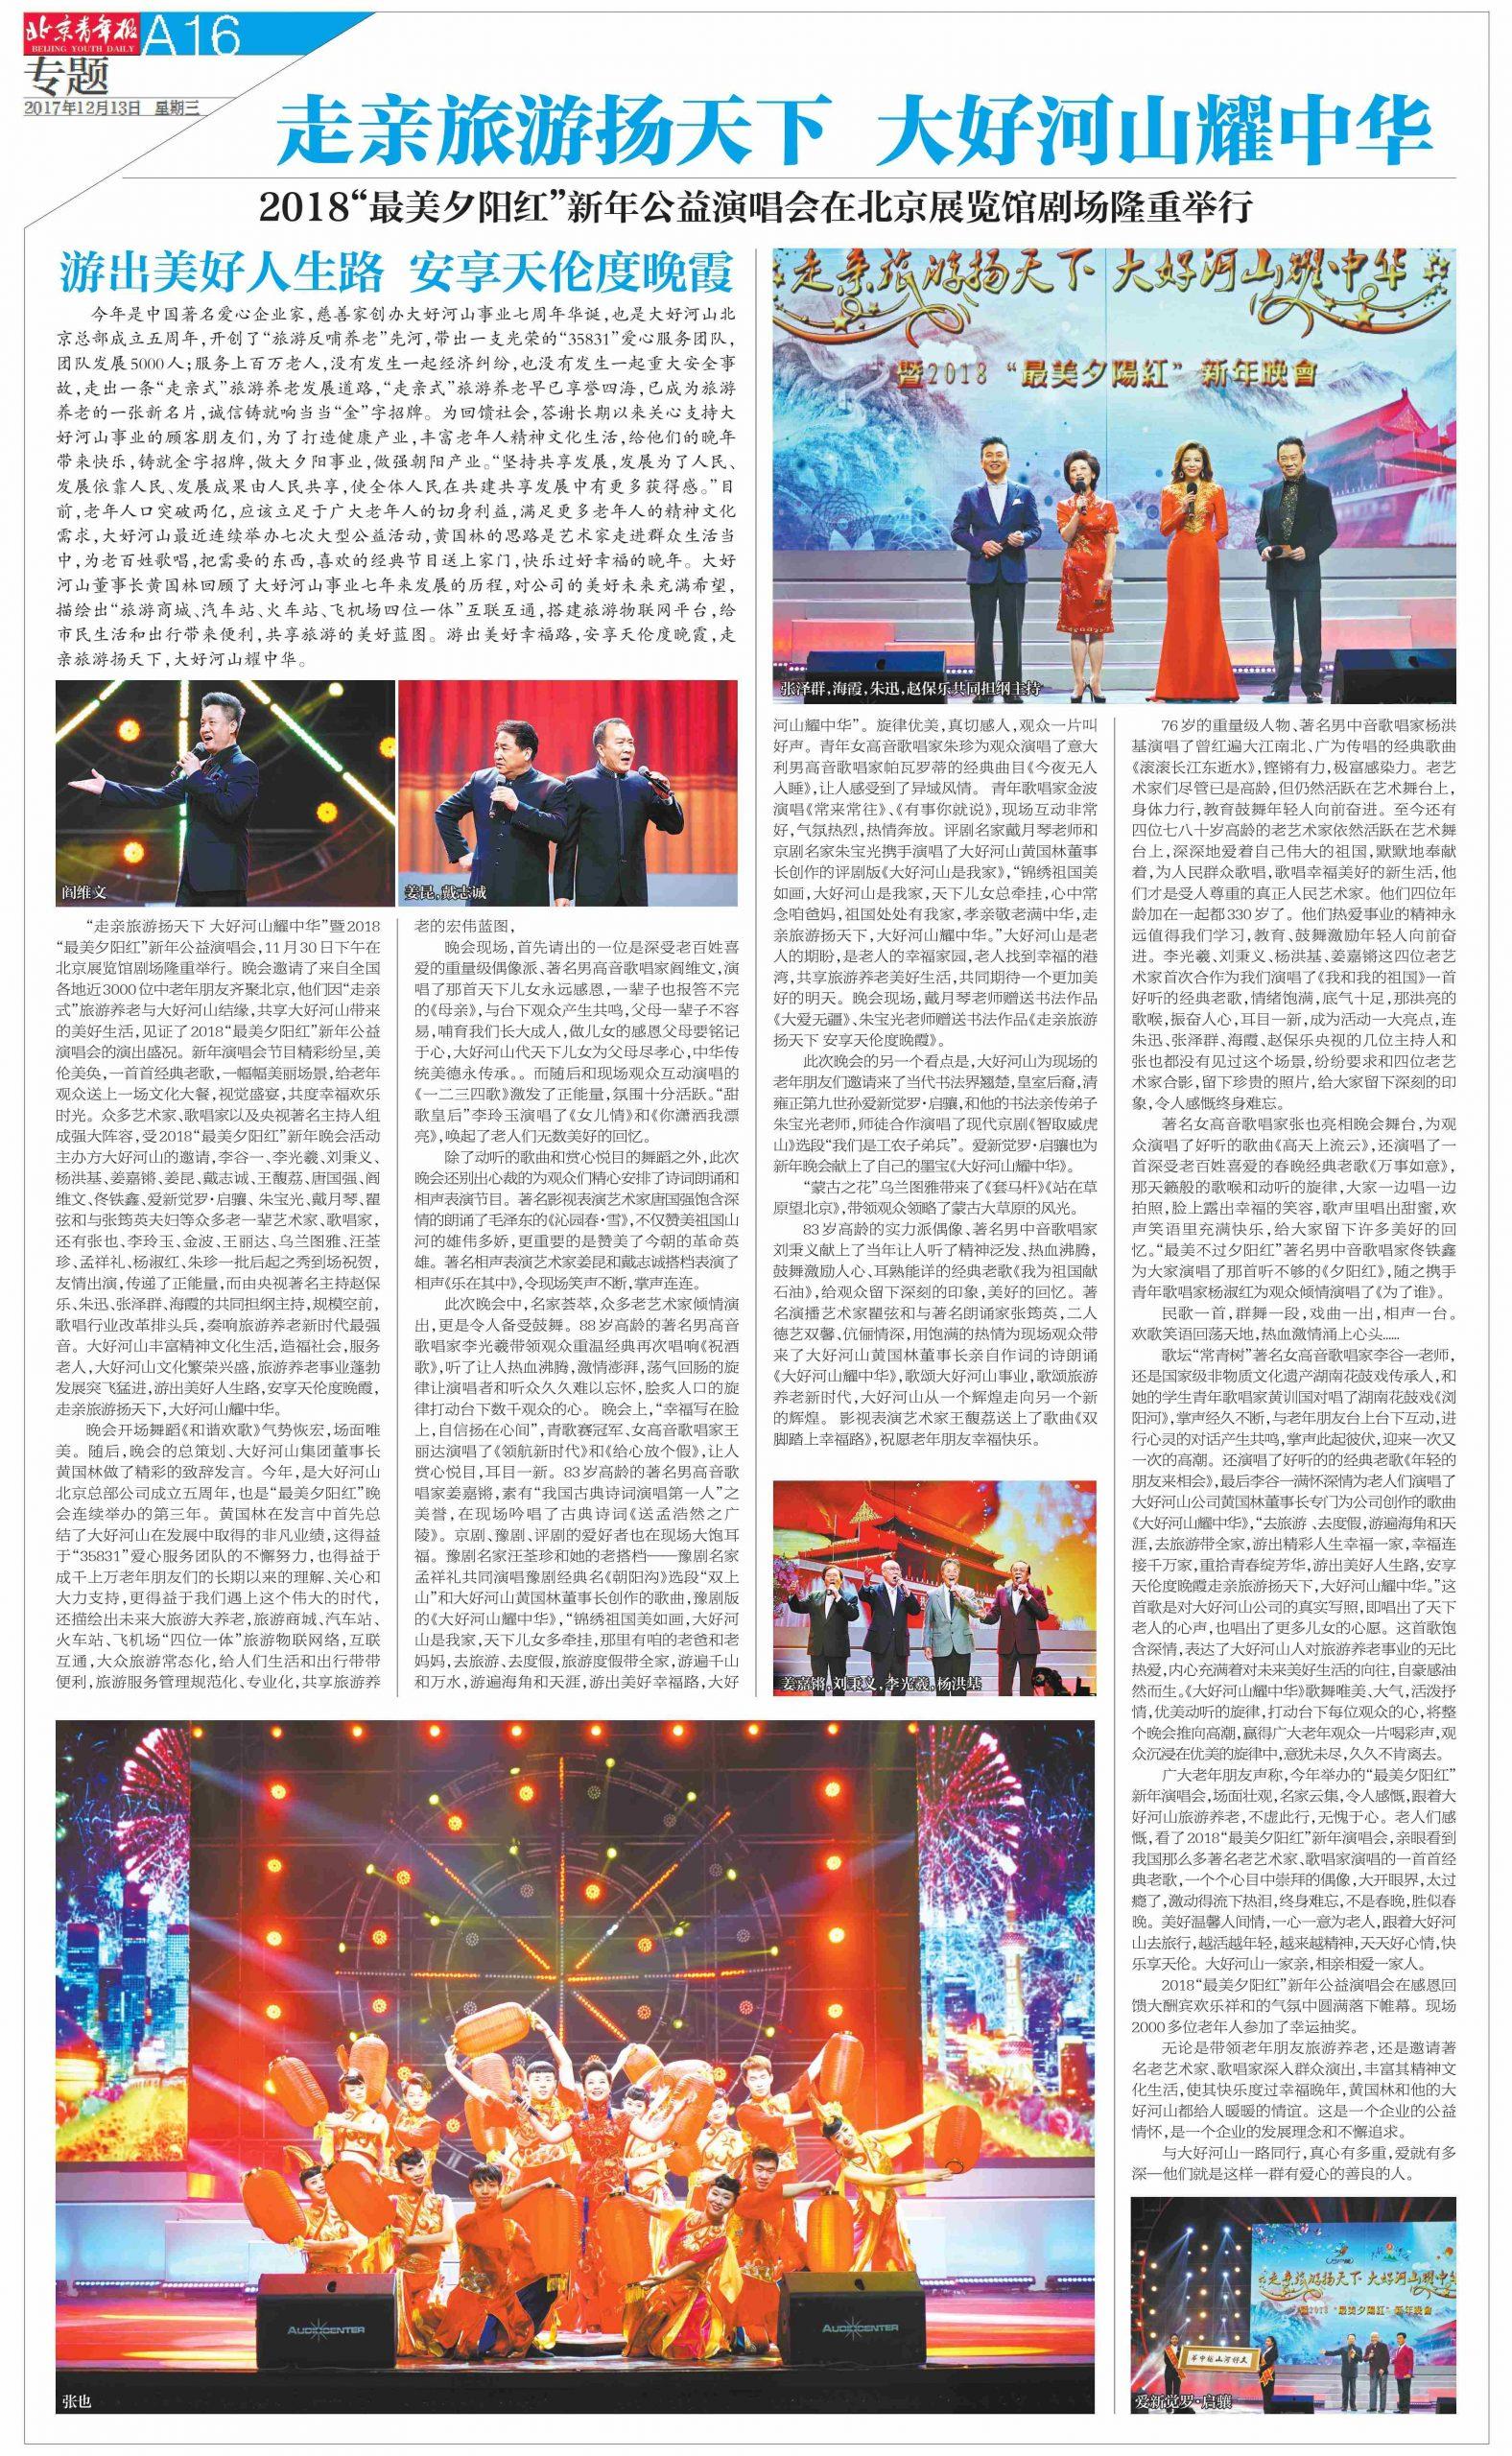 北京青年报 2017-12-13 A16